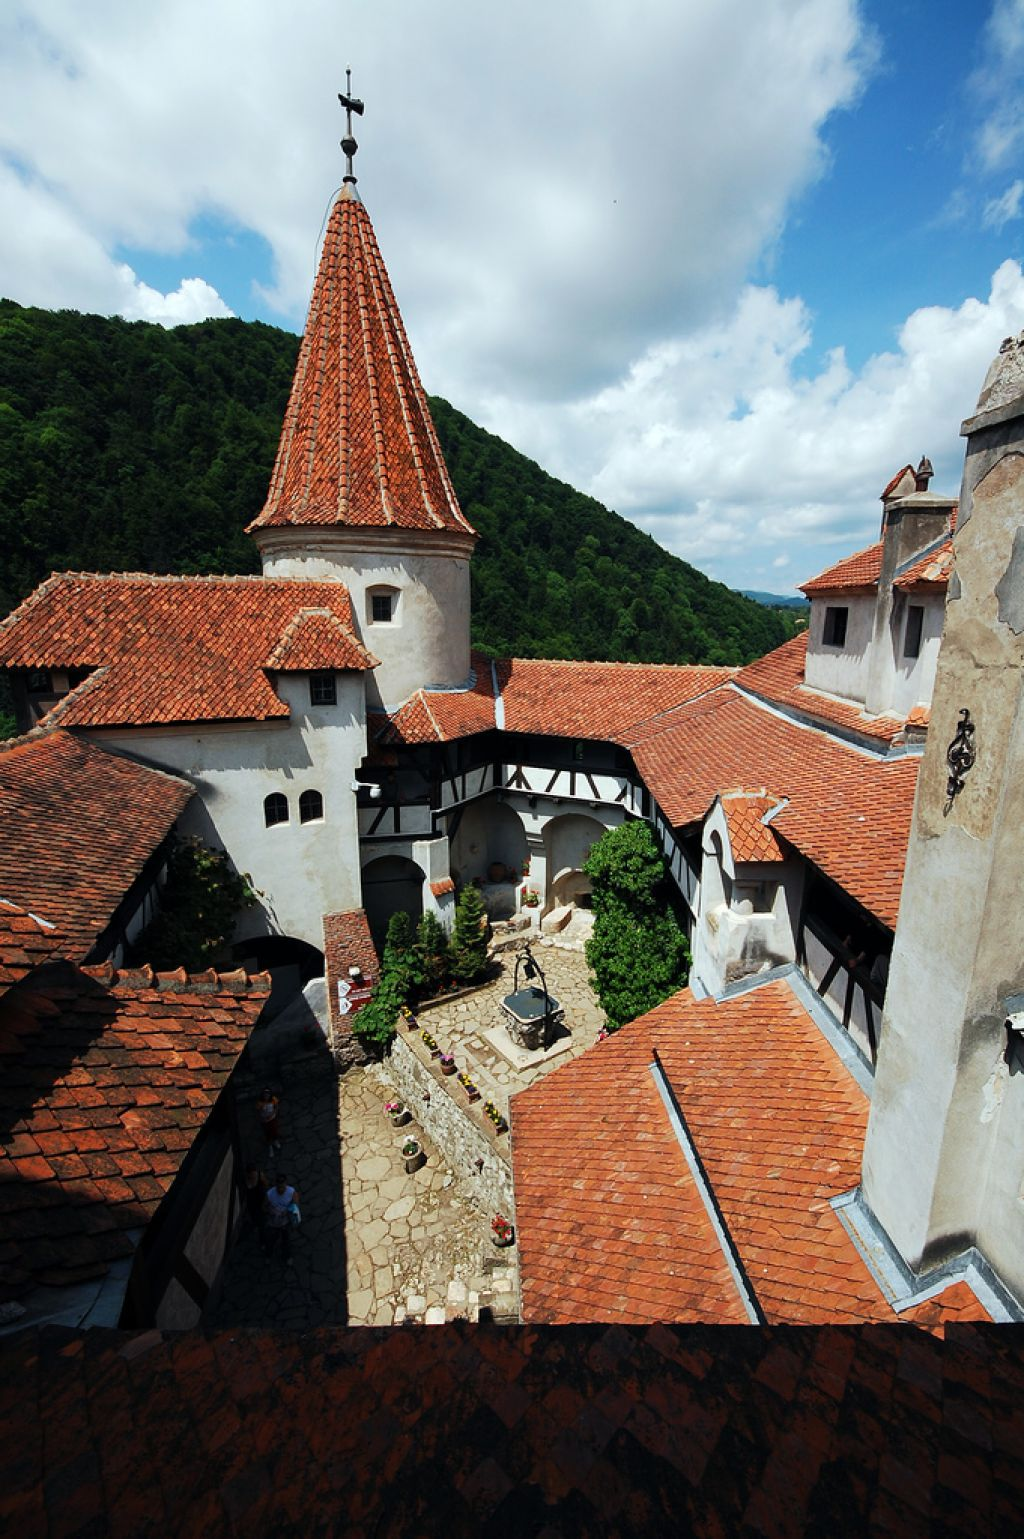 bran castle3 Bran Castle aka Draculas Castle